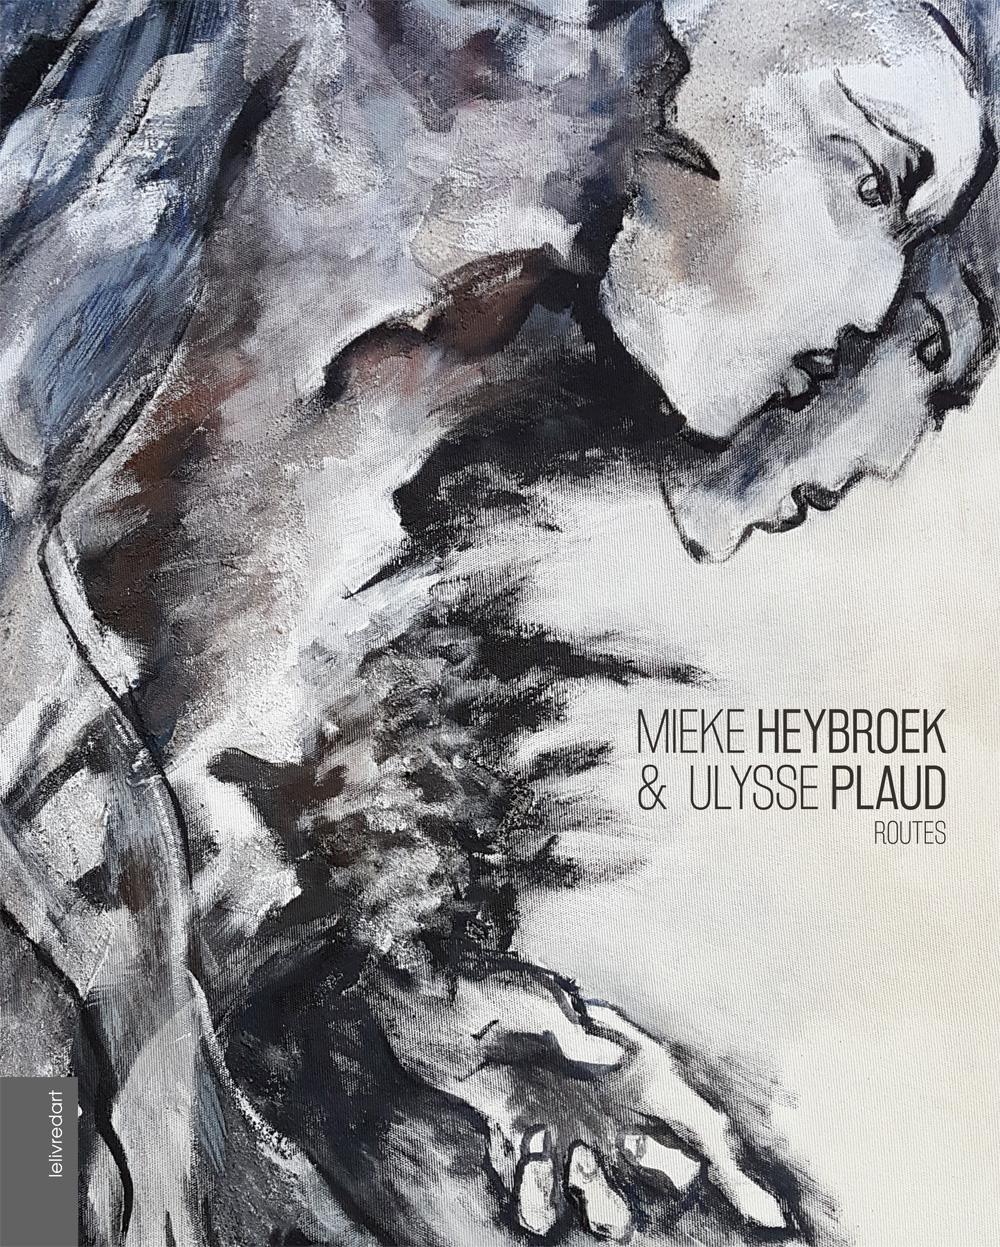 Mieke Heybroek & Ulysse Plaud